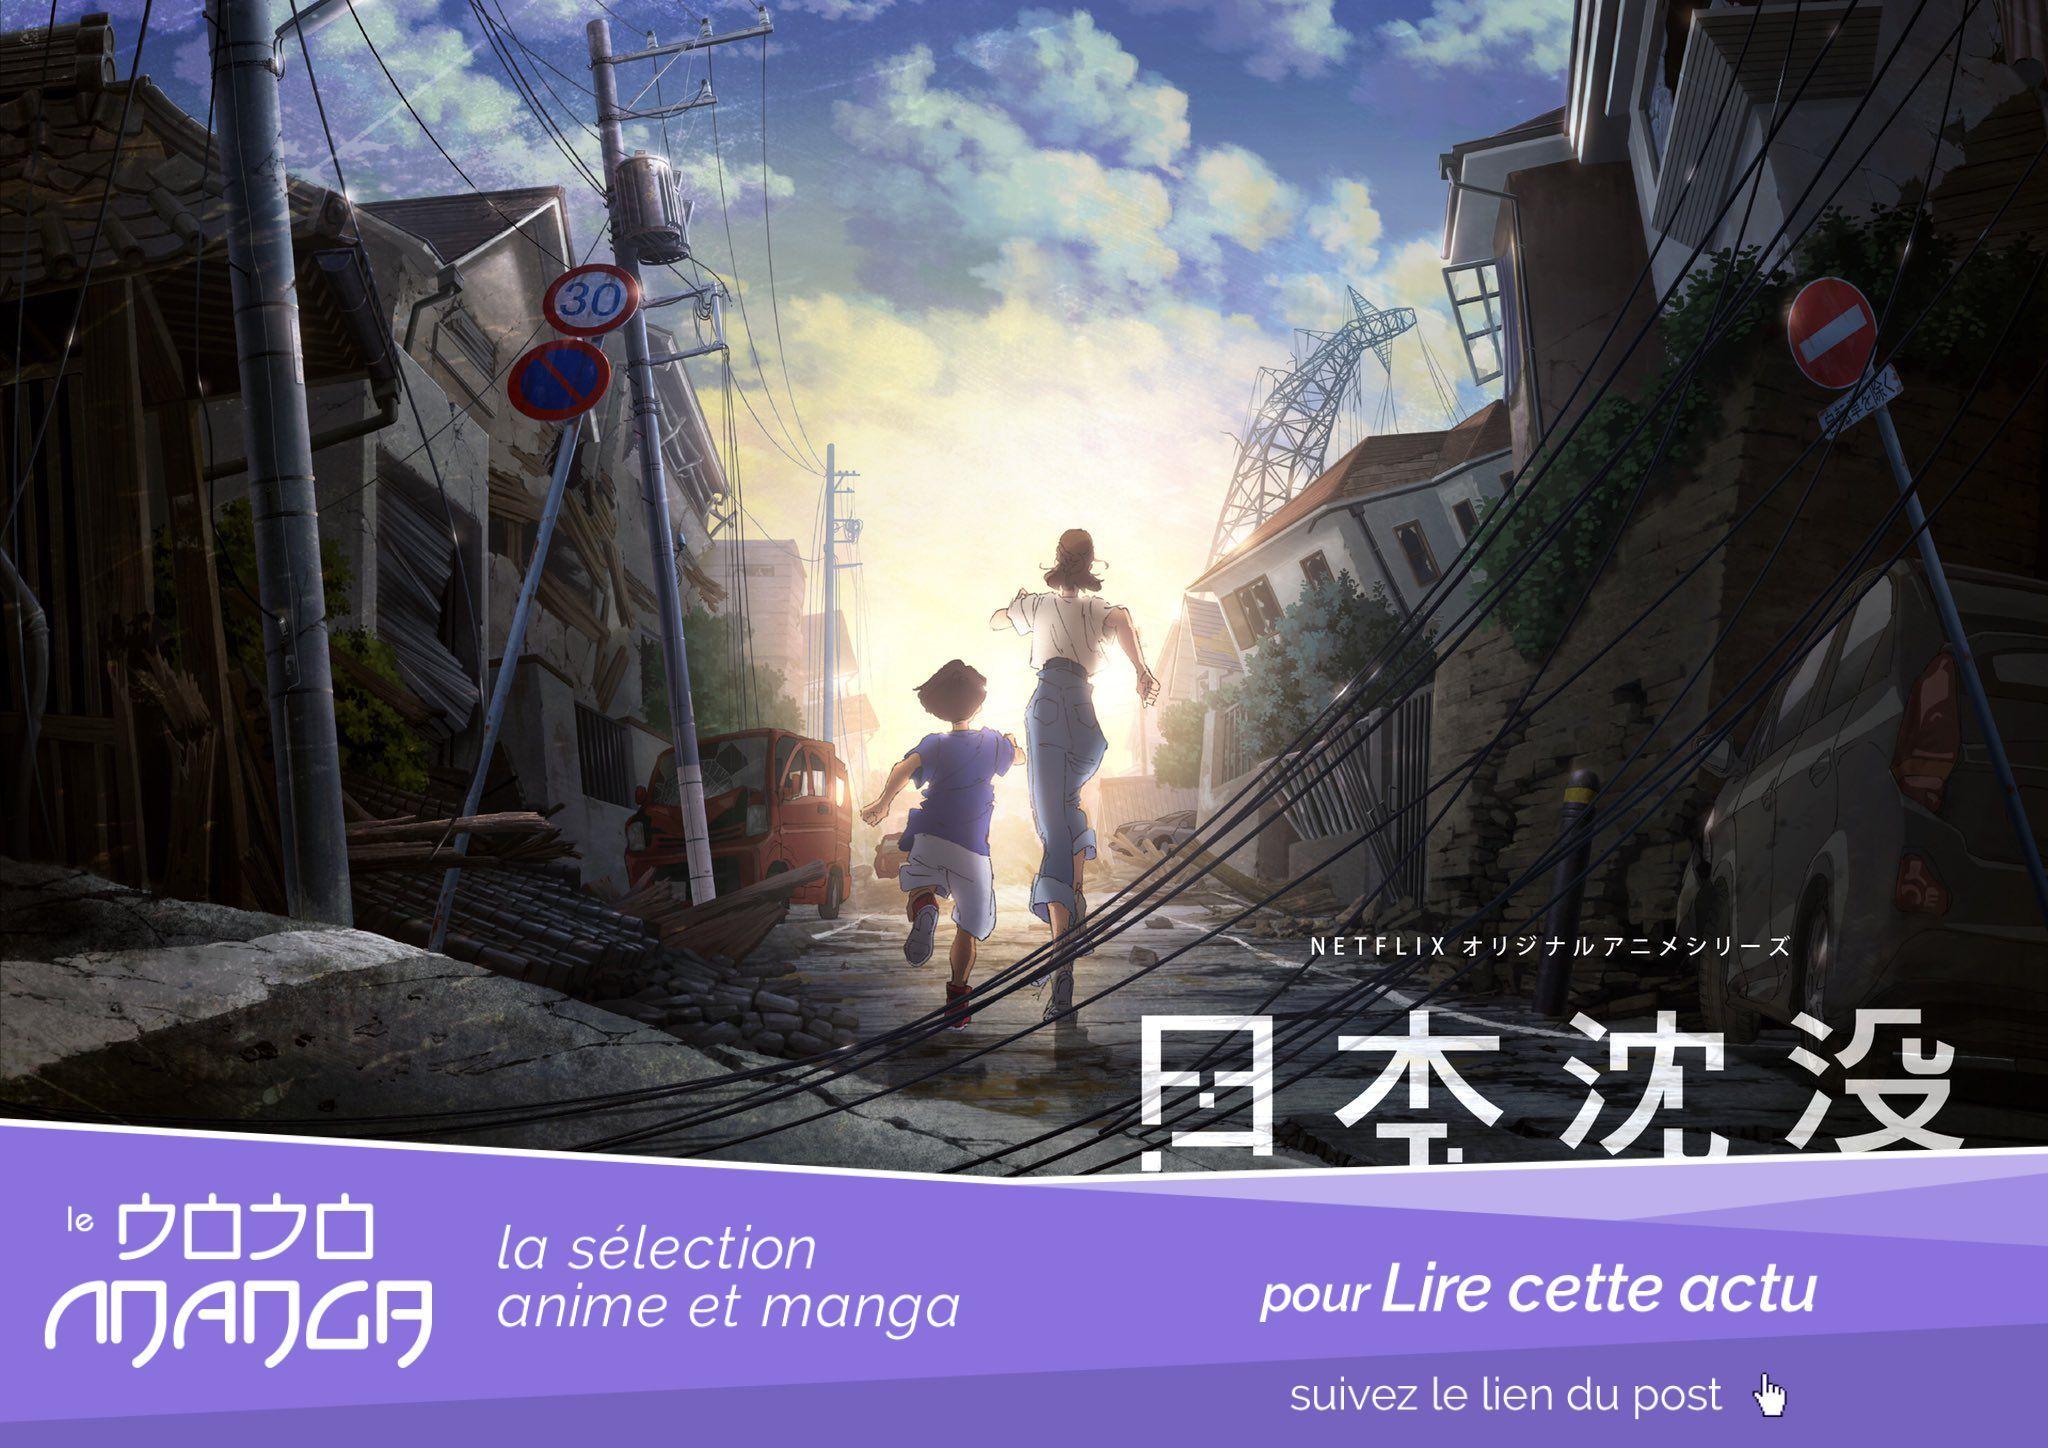 Japan Sinks 2020 adapté en anime le Dojo Manga en 2020